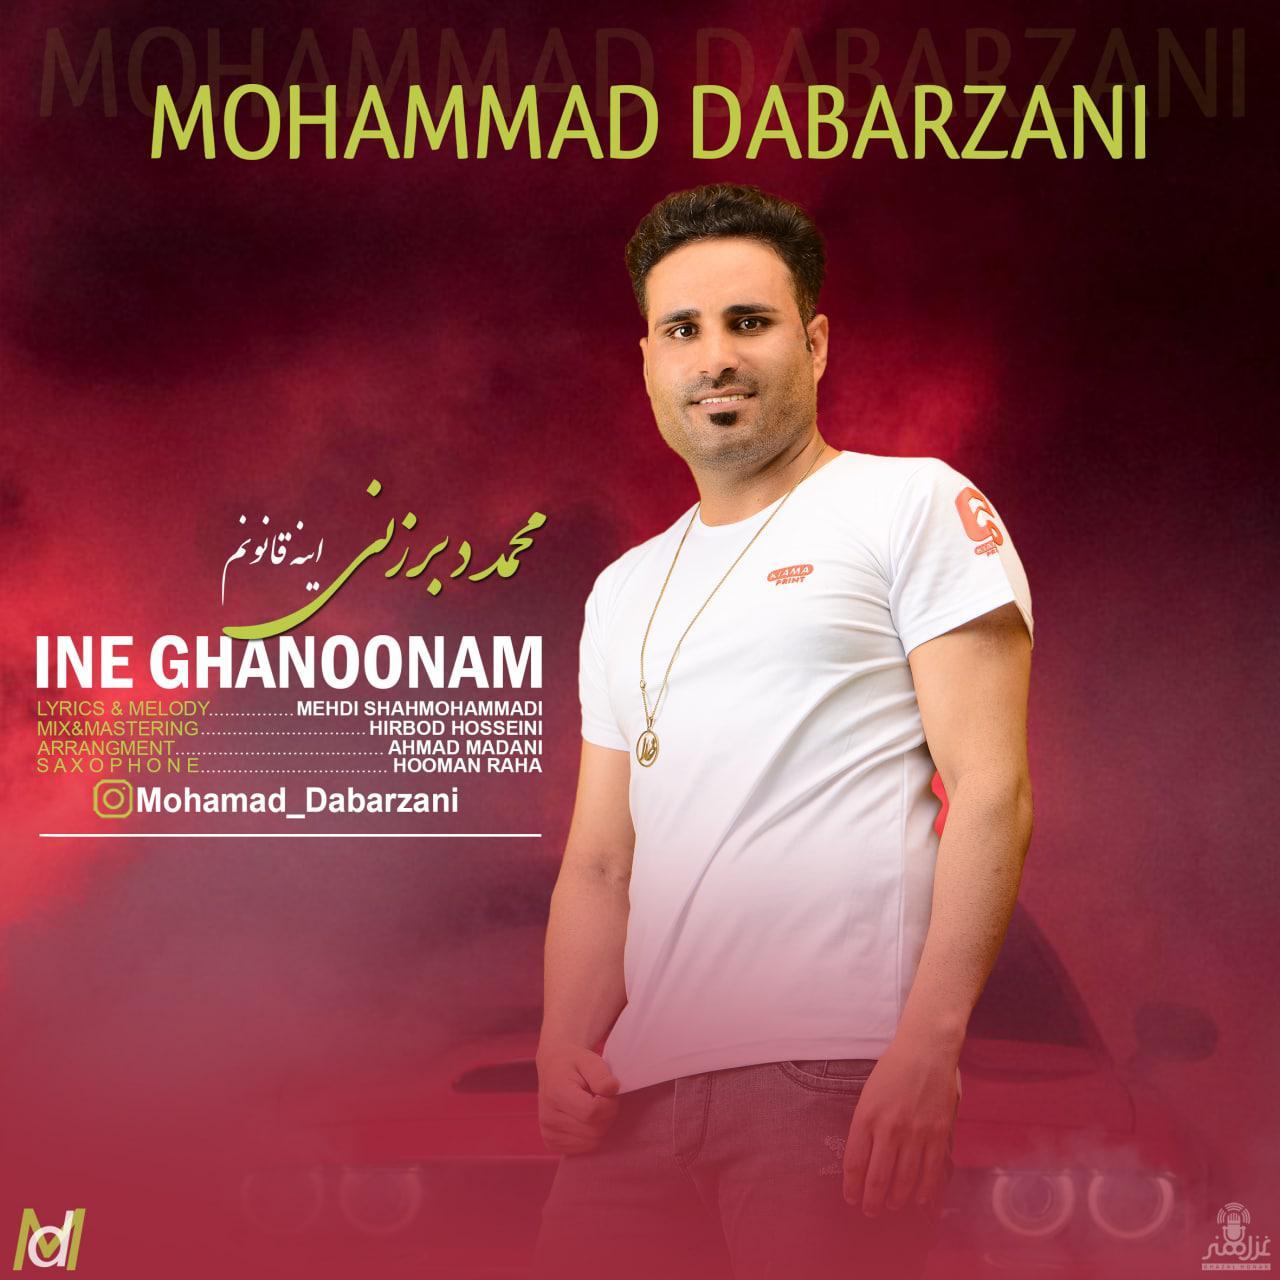 Mohammad Dabarzani – Ine Ghanoonam